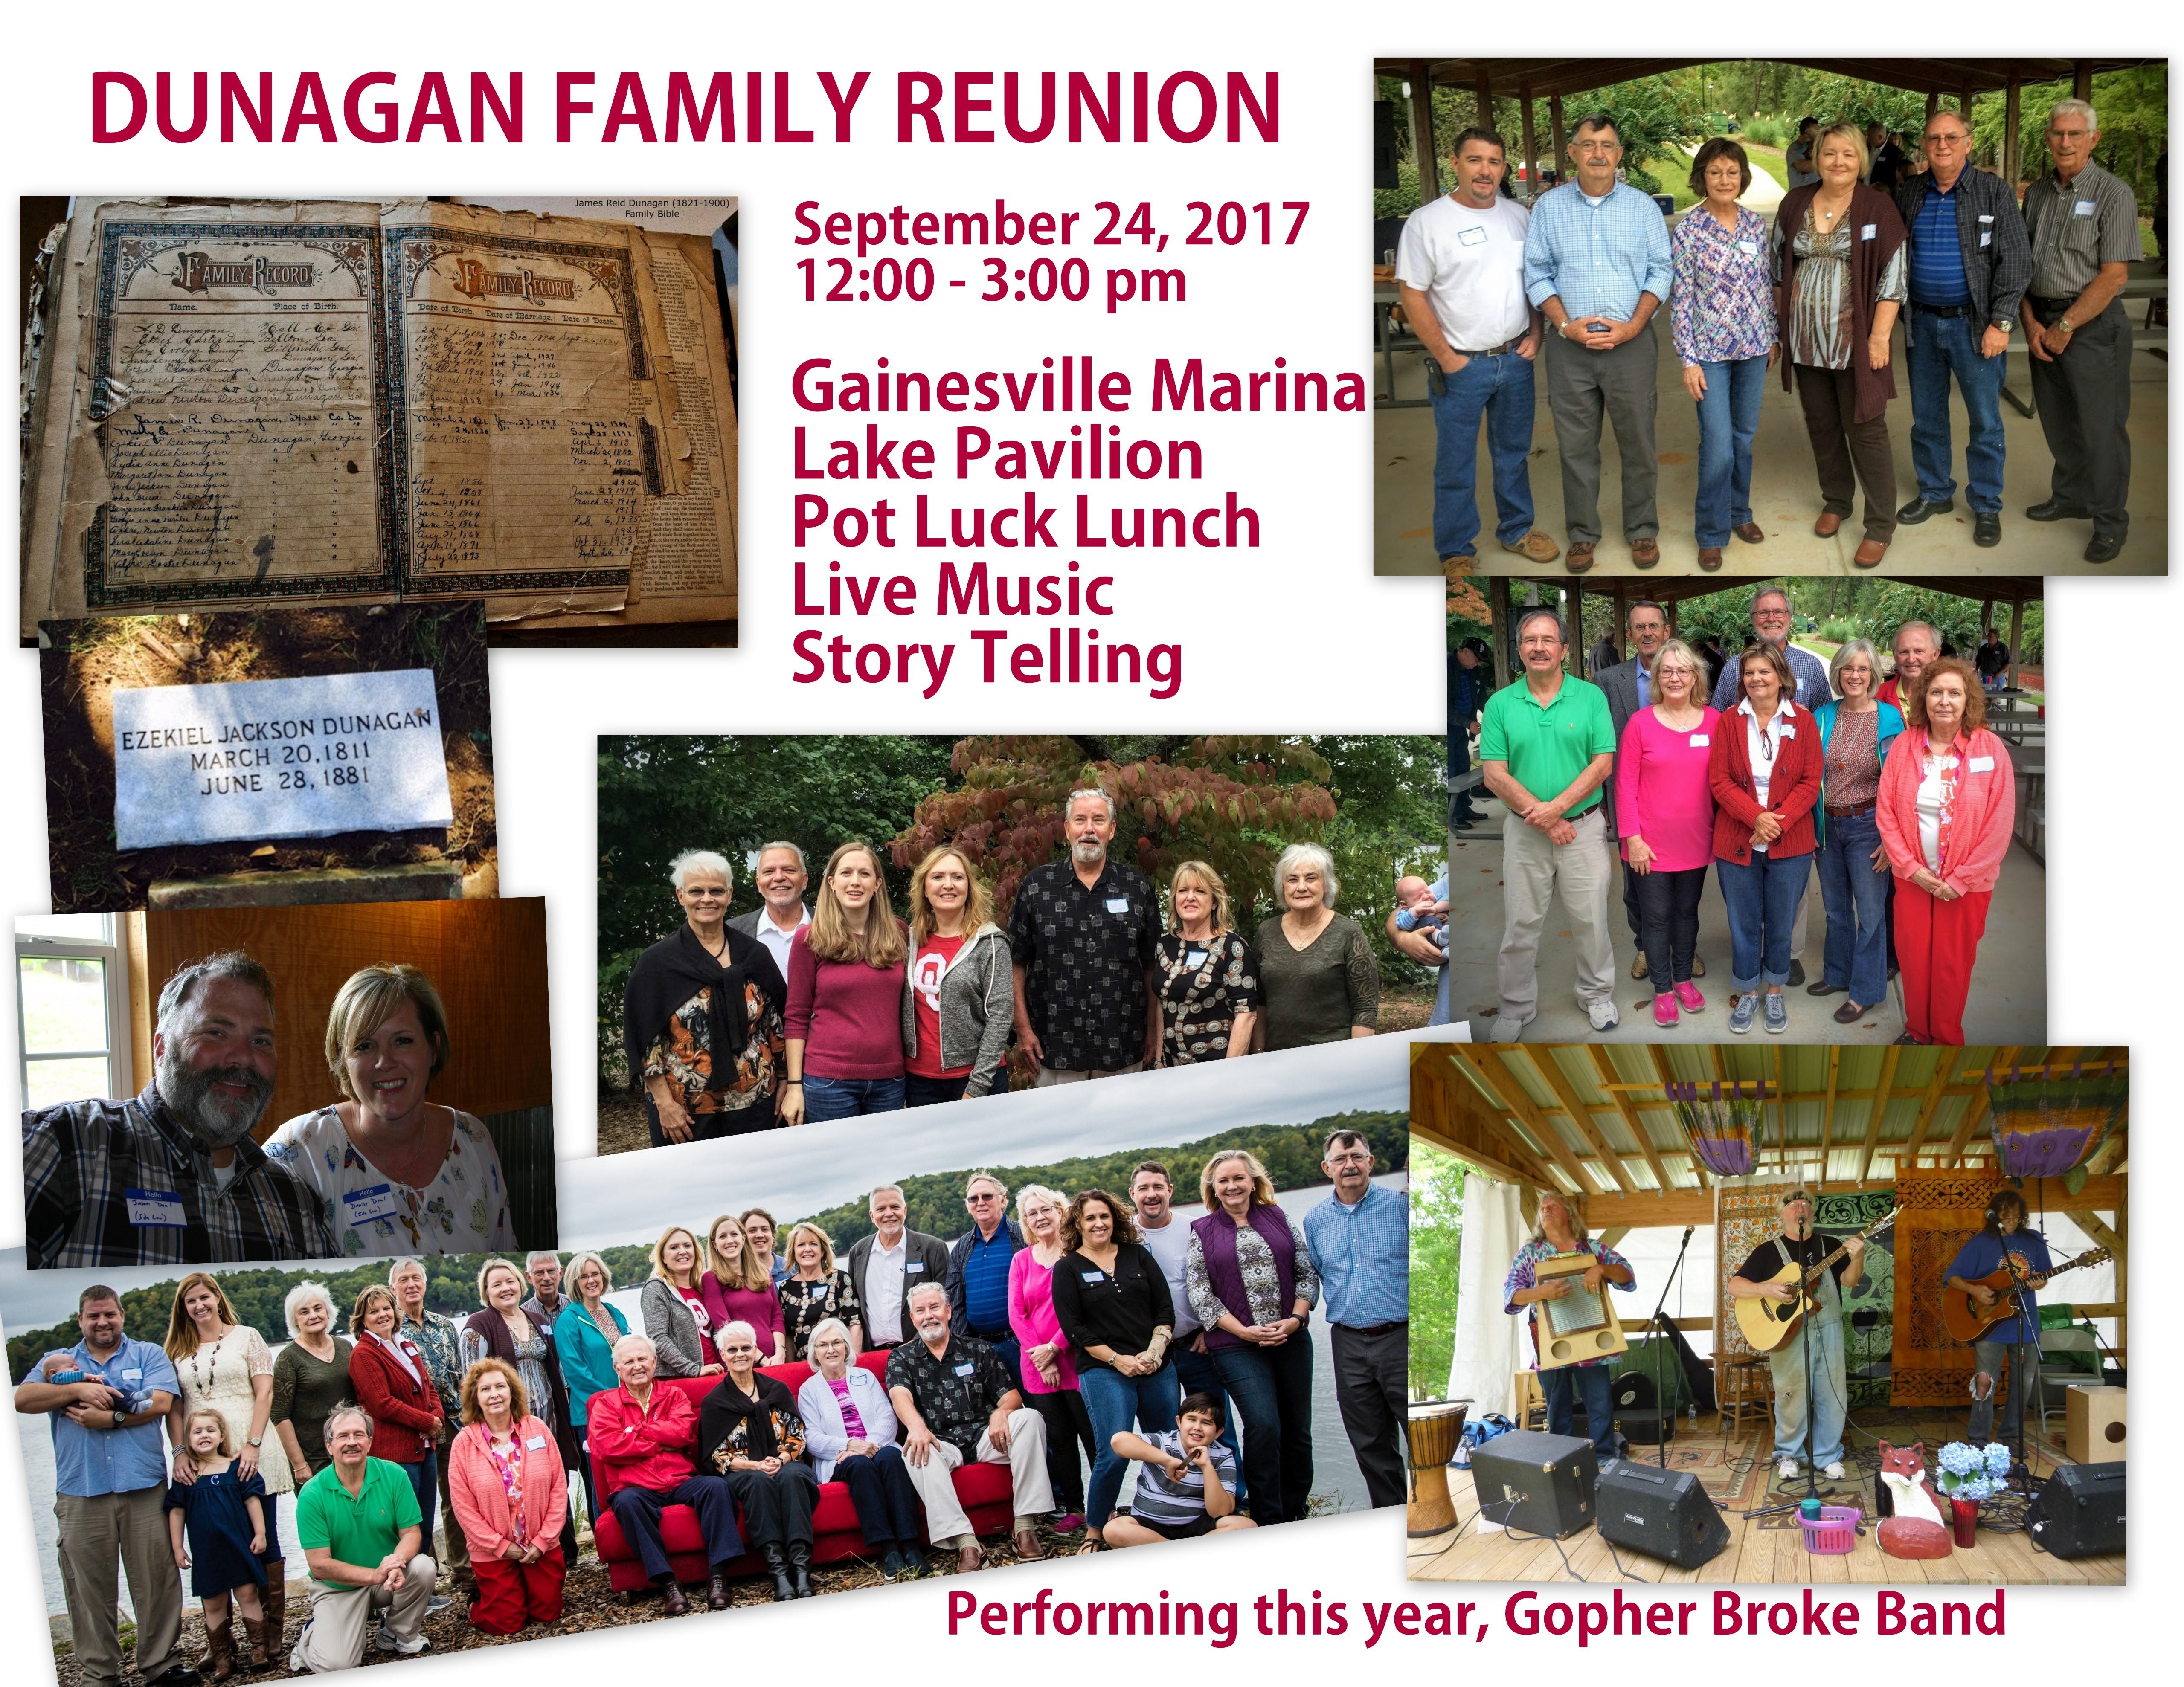 Dunagan Family Reunion 2017 flyer